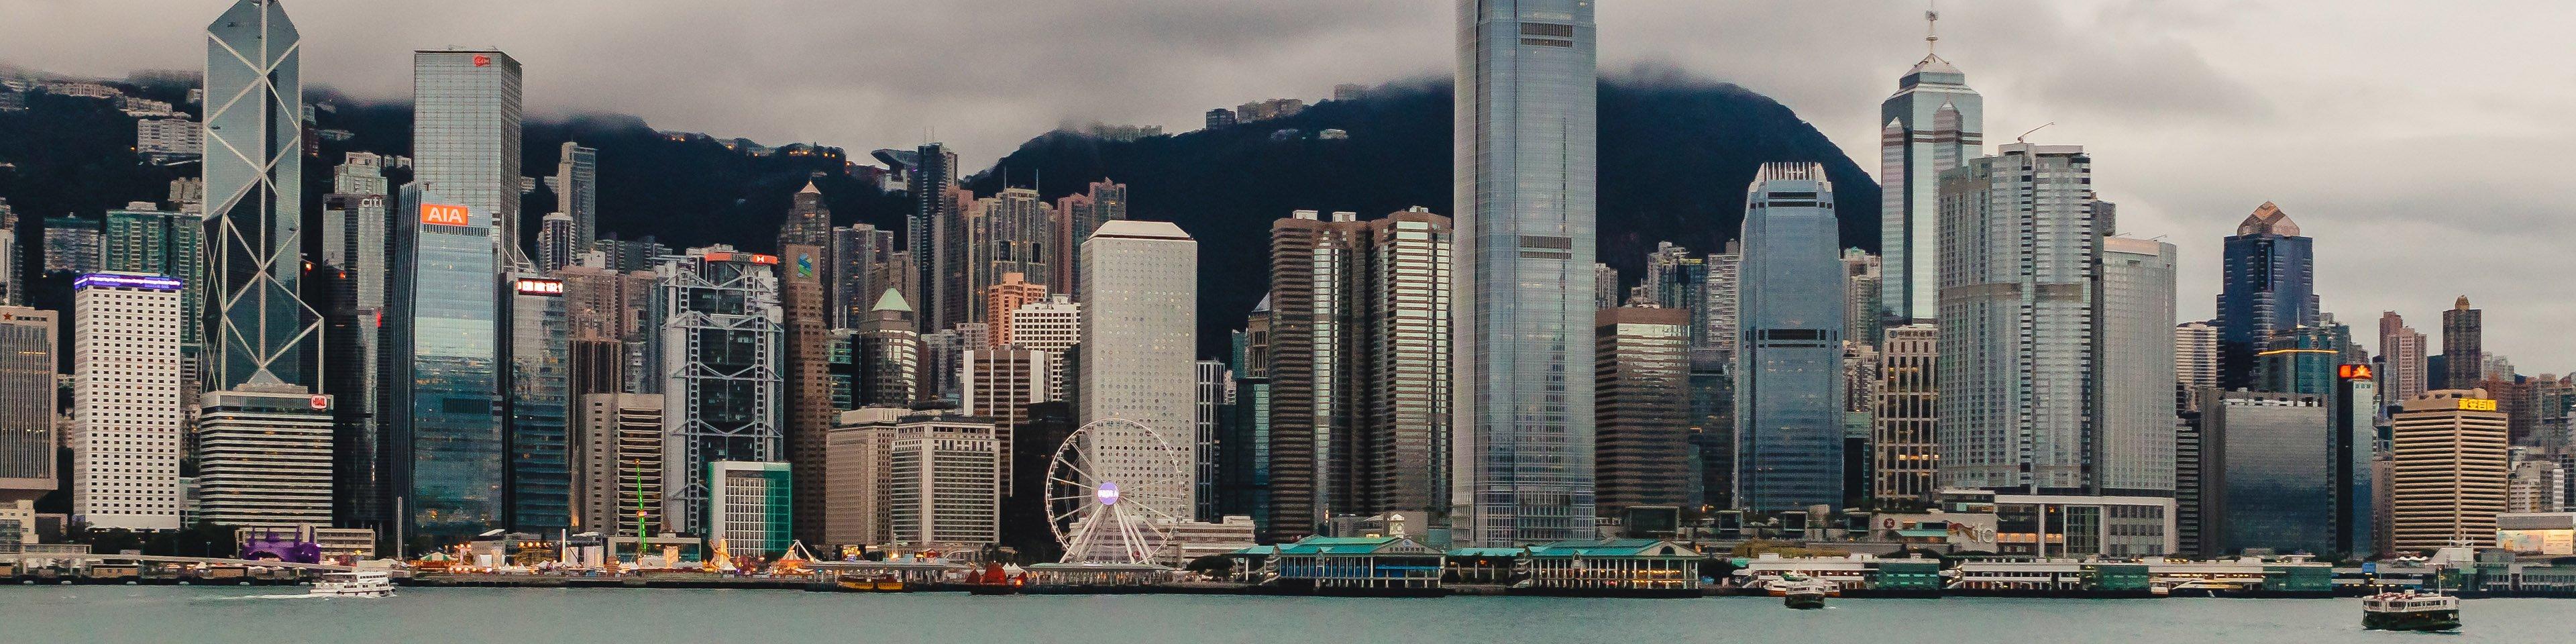 Hong Kong Travel Photography